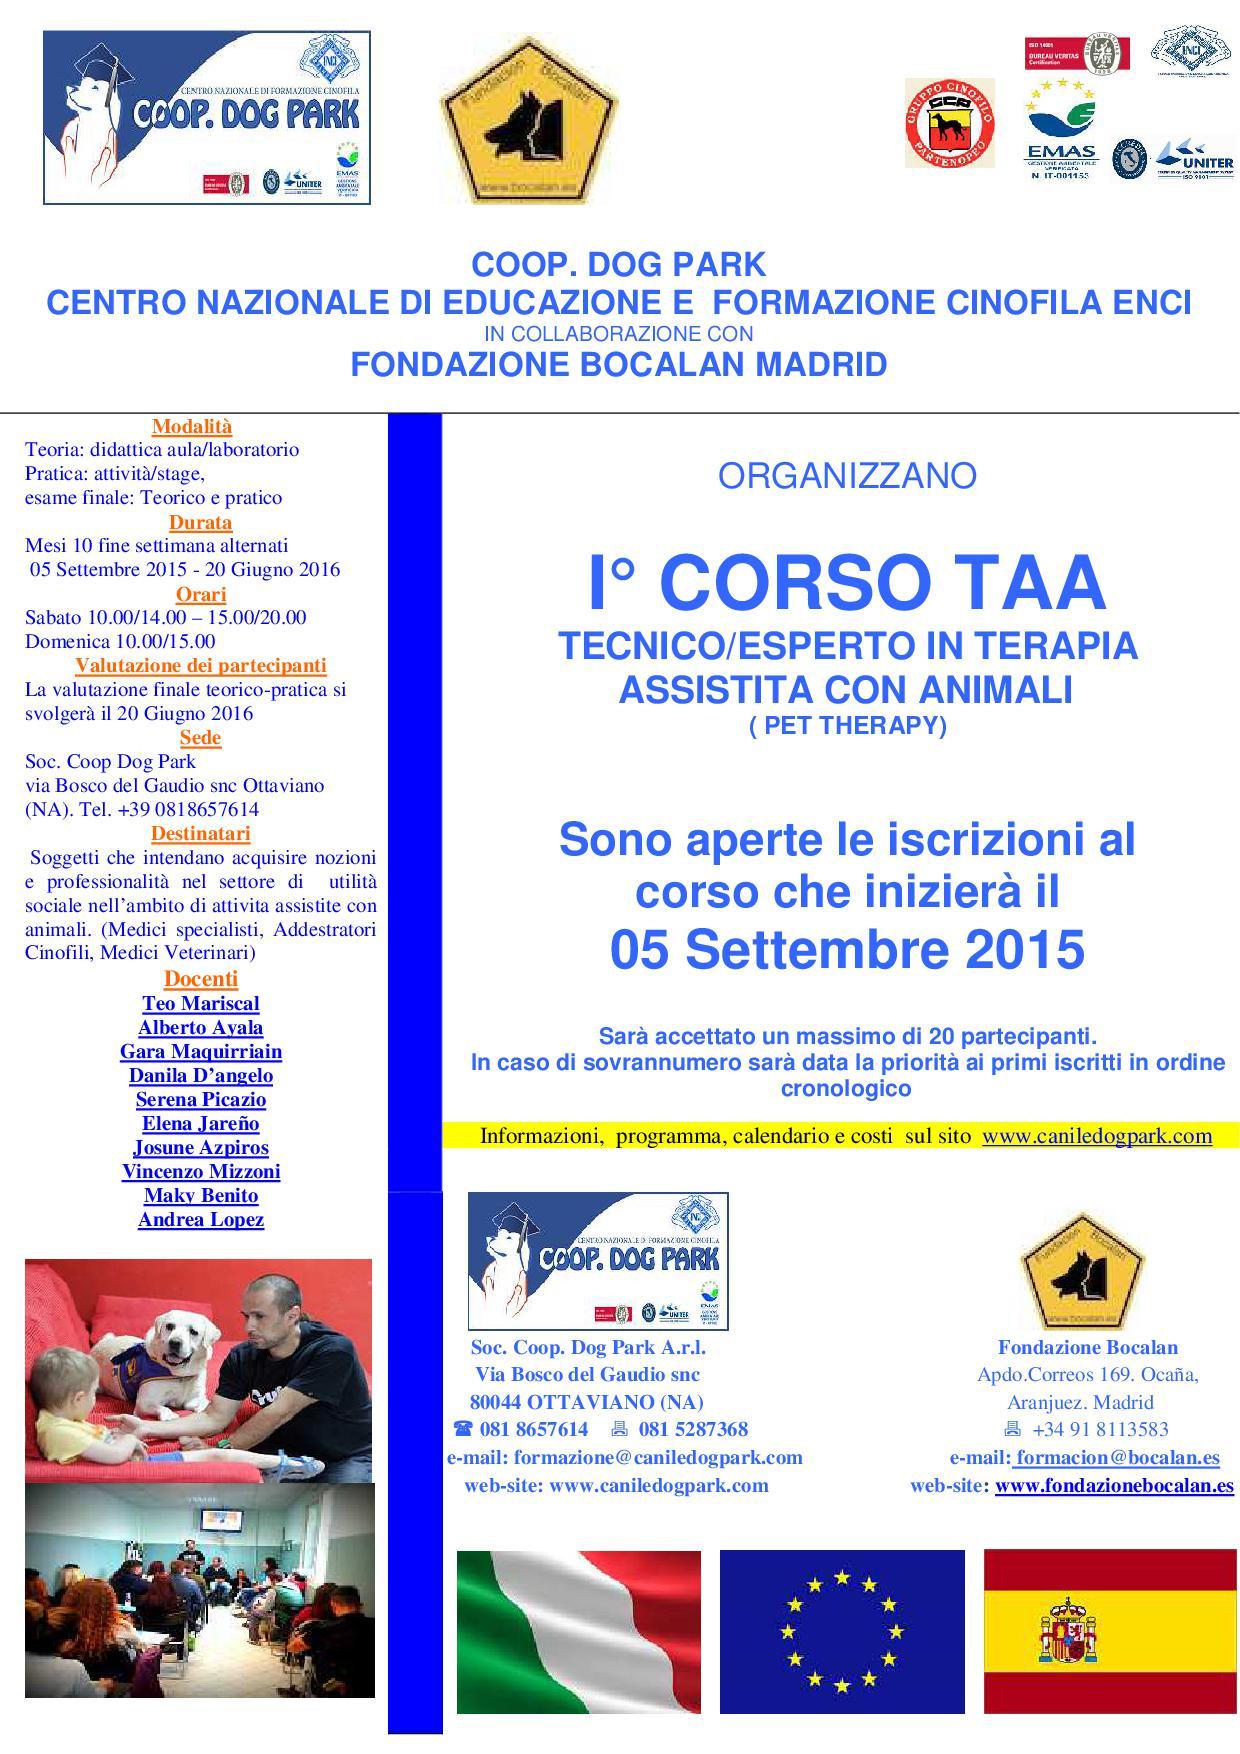 I° CORSO TAA (Terapie Assistite con Animali)LA COOP. DOG PARK - OTTAVIANO E LA FONDAZIONE BOCALAN - MADRID, Oraganizzano il I° corso per attività assistite con animali presso la Scuola di formazione Coop. Dog Park - Napoli